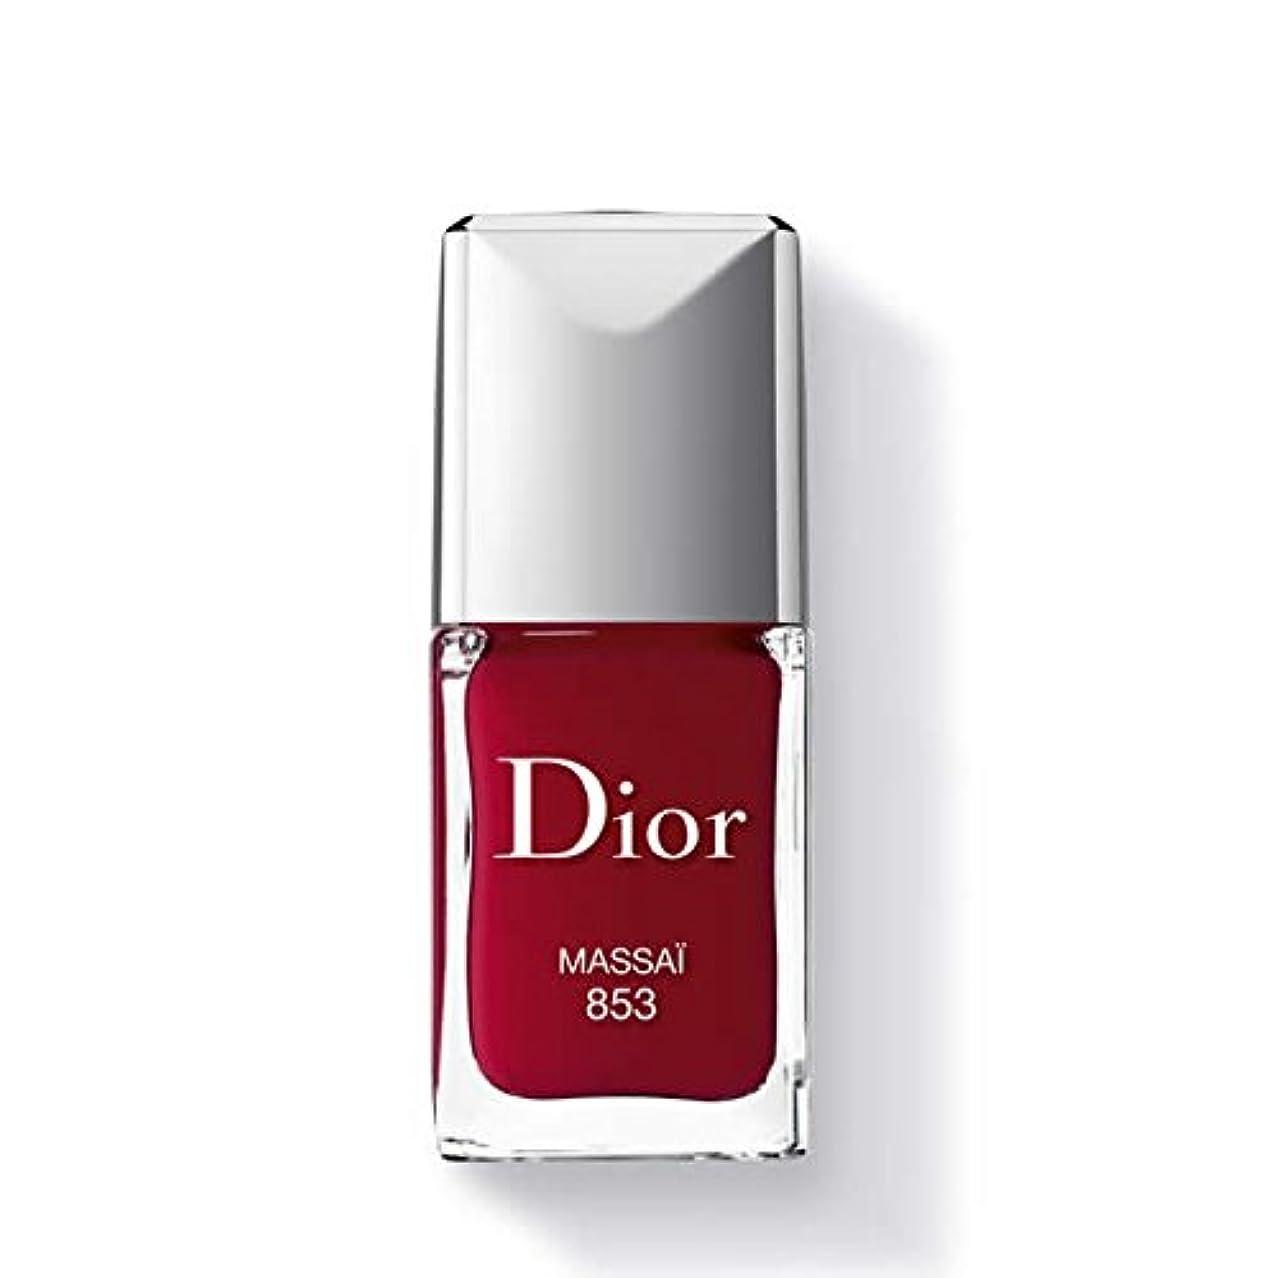 公園道に迷いました公使館Dior ディオールヴェルニ #853 マサイ 10ml [207997] [並行輸入品]